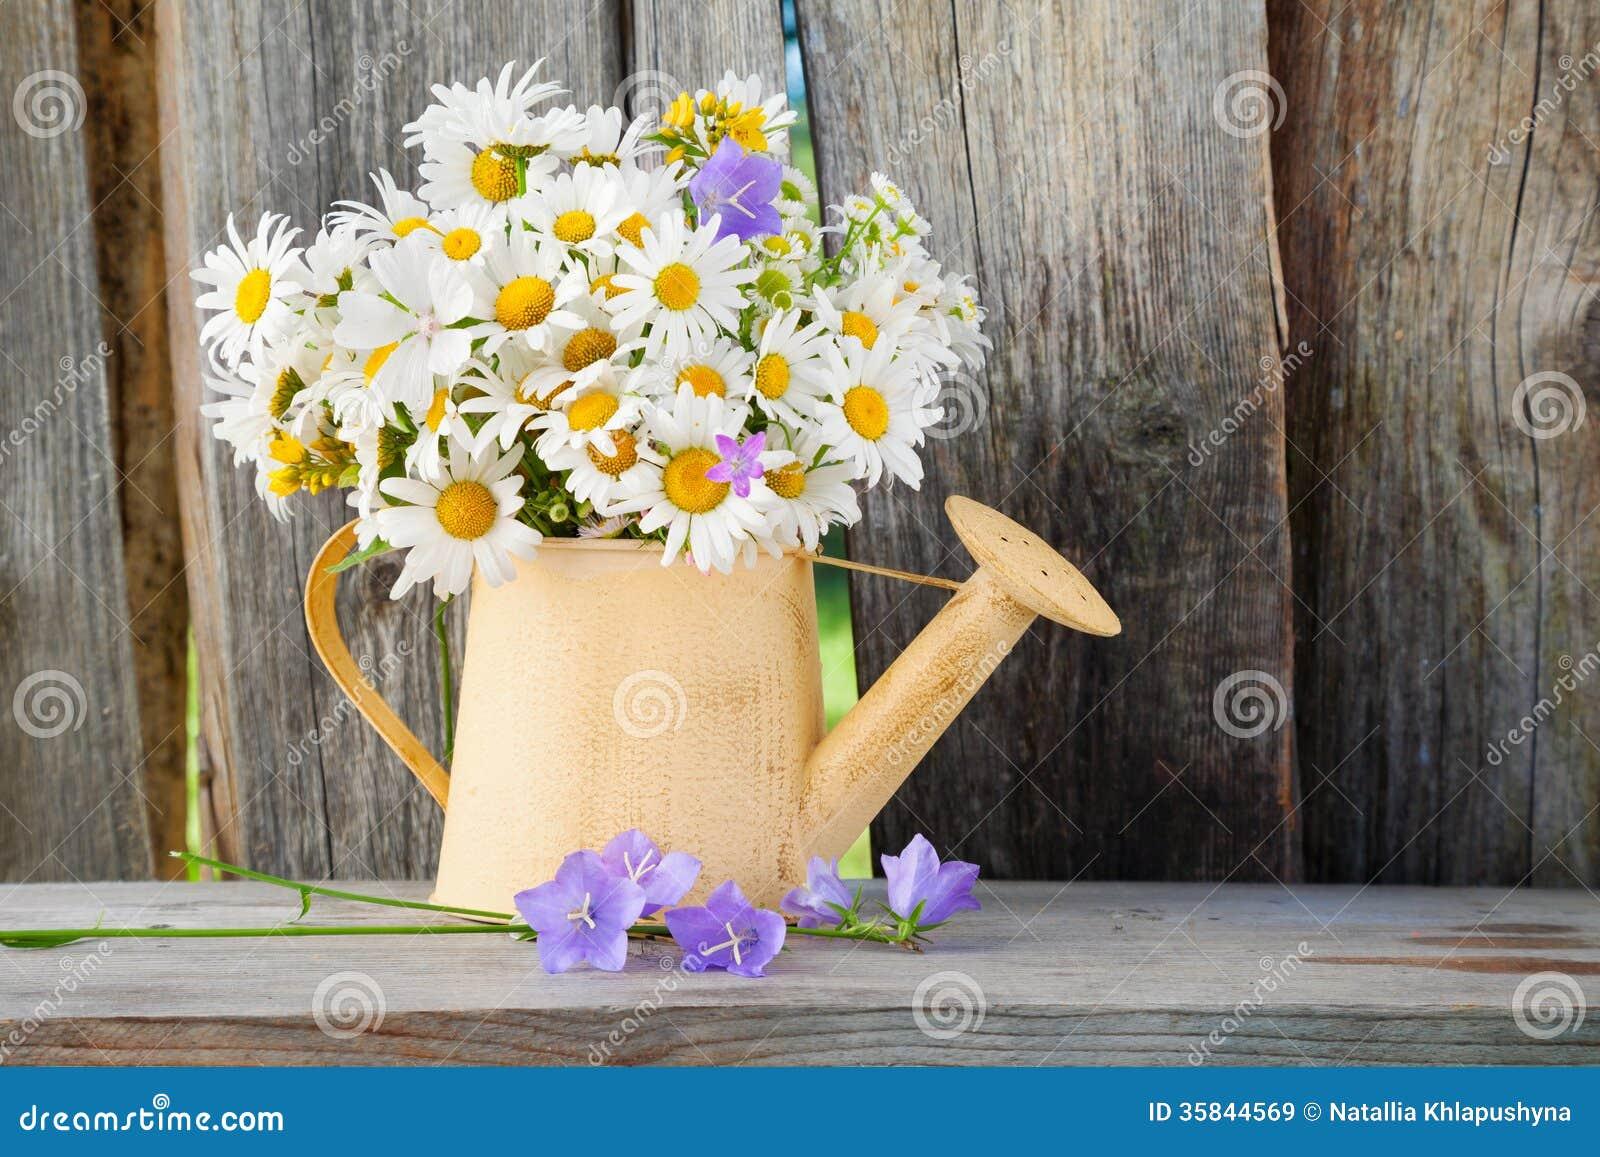 Gießkanne mit Sommergänseblümchen blüht auf hölzernem Hintergrund